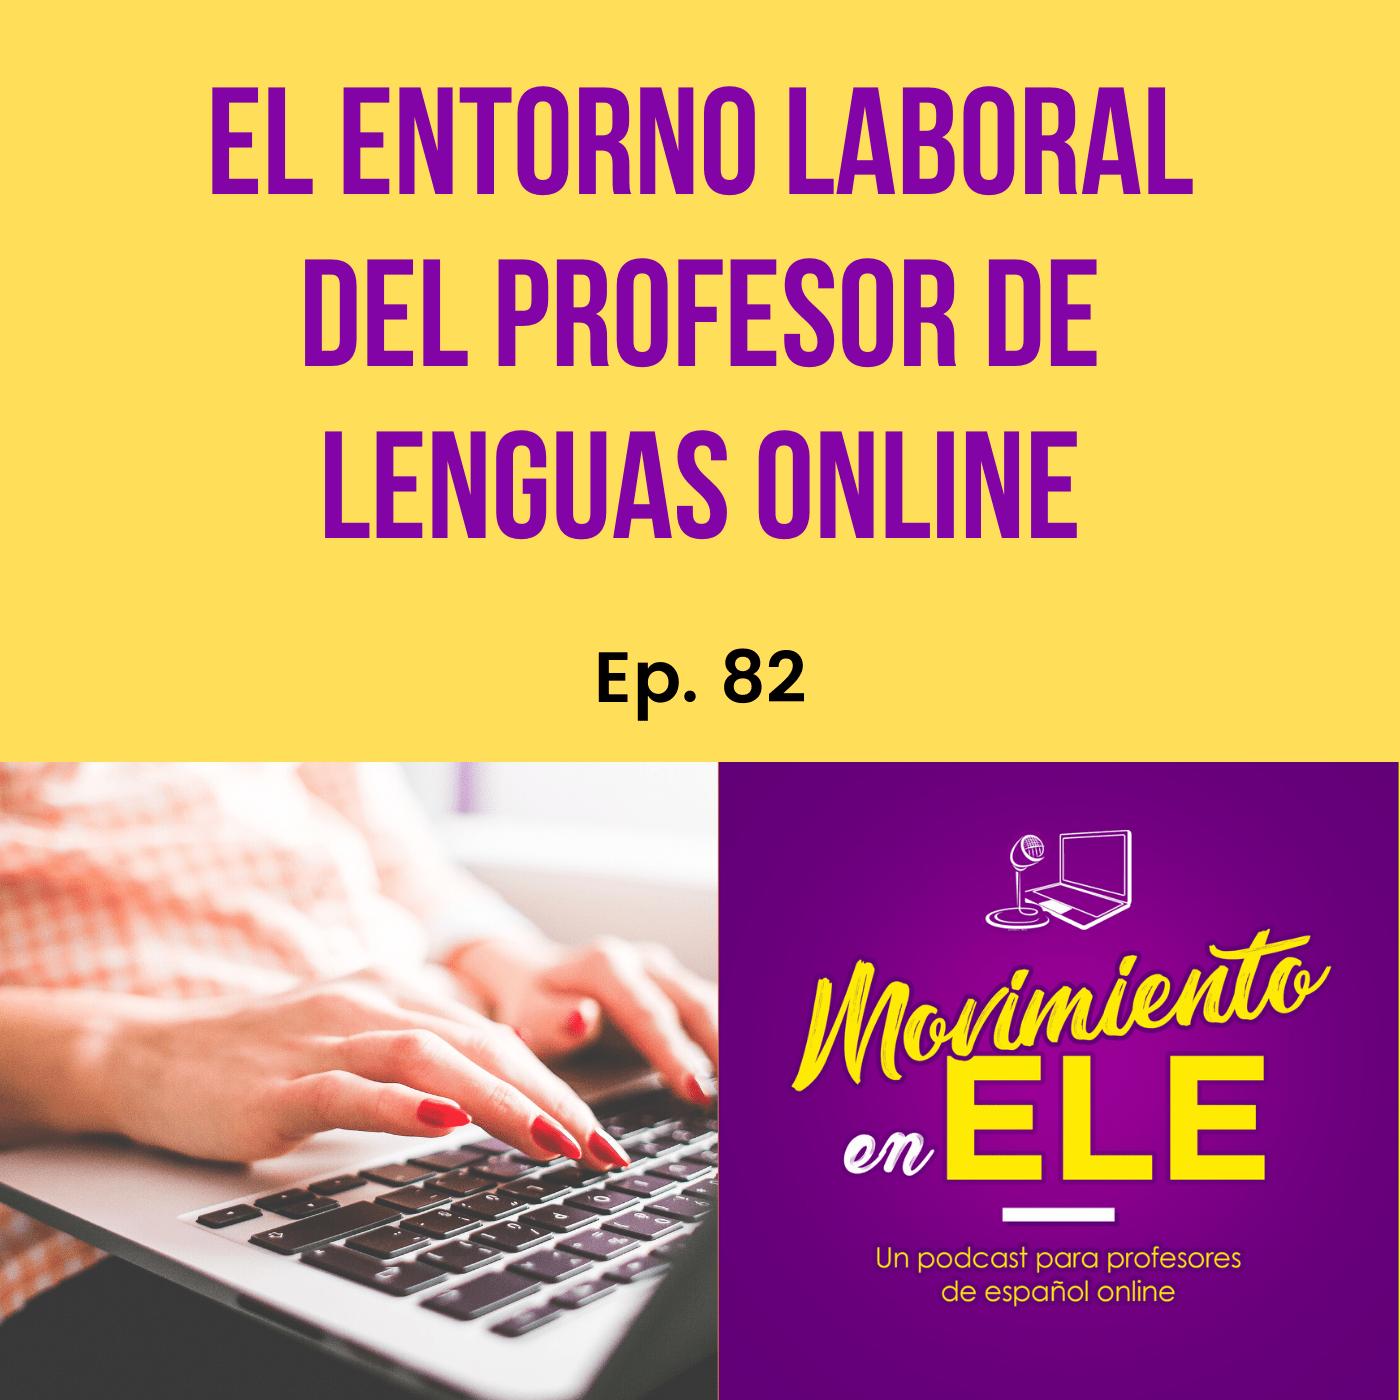 Entorno laboral de profesor de lenguas online